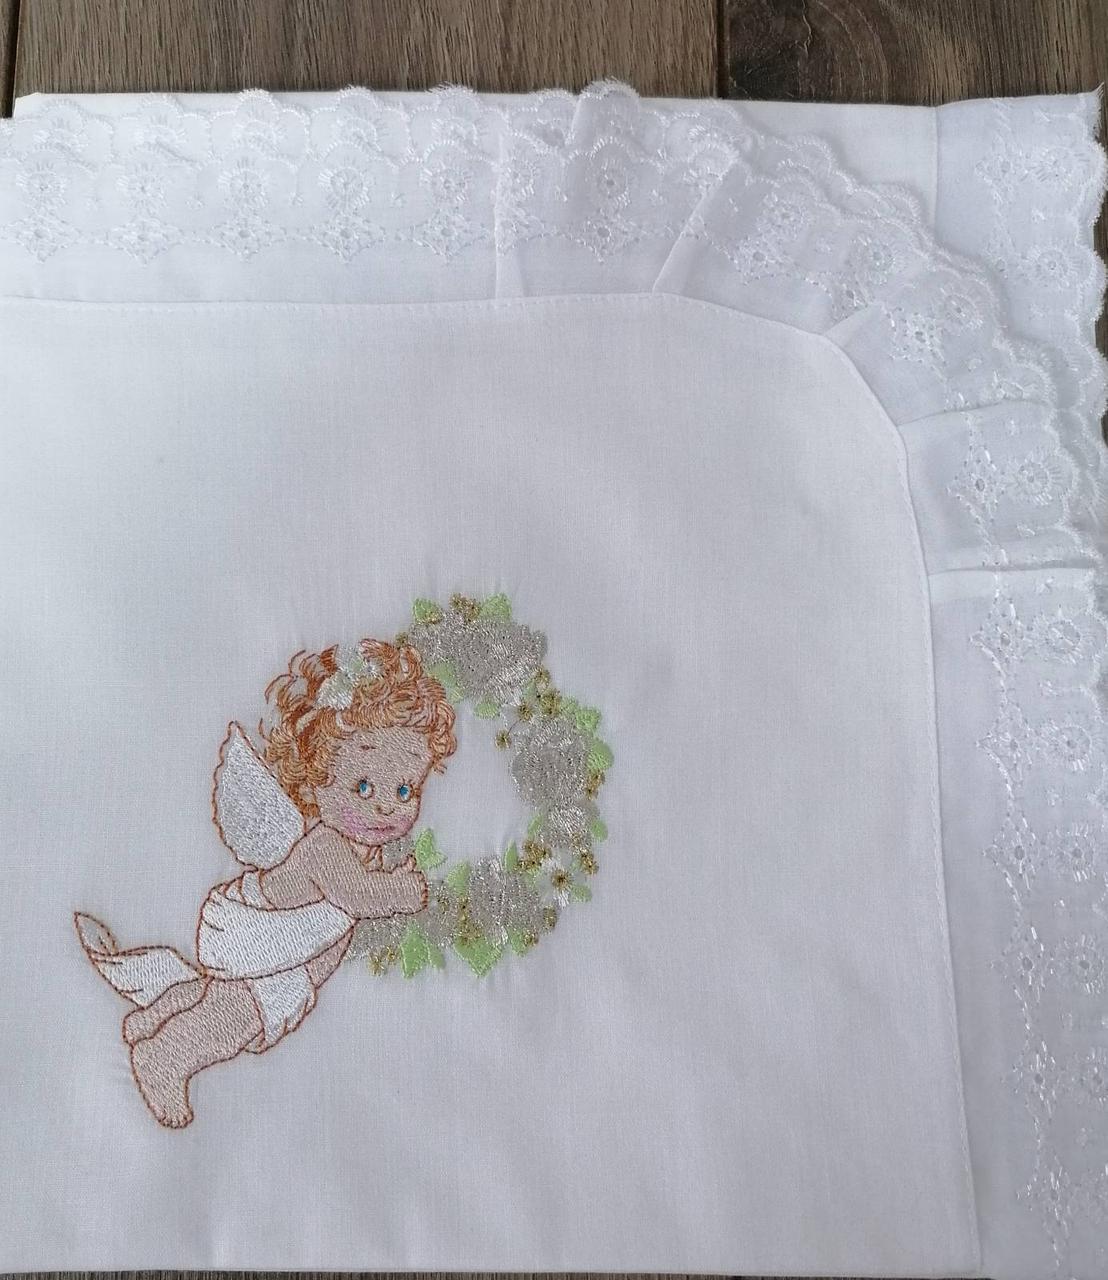 Крижма дитяча Волинські візерунки для хрещення з янголятком 115*115 біла